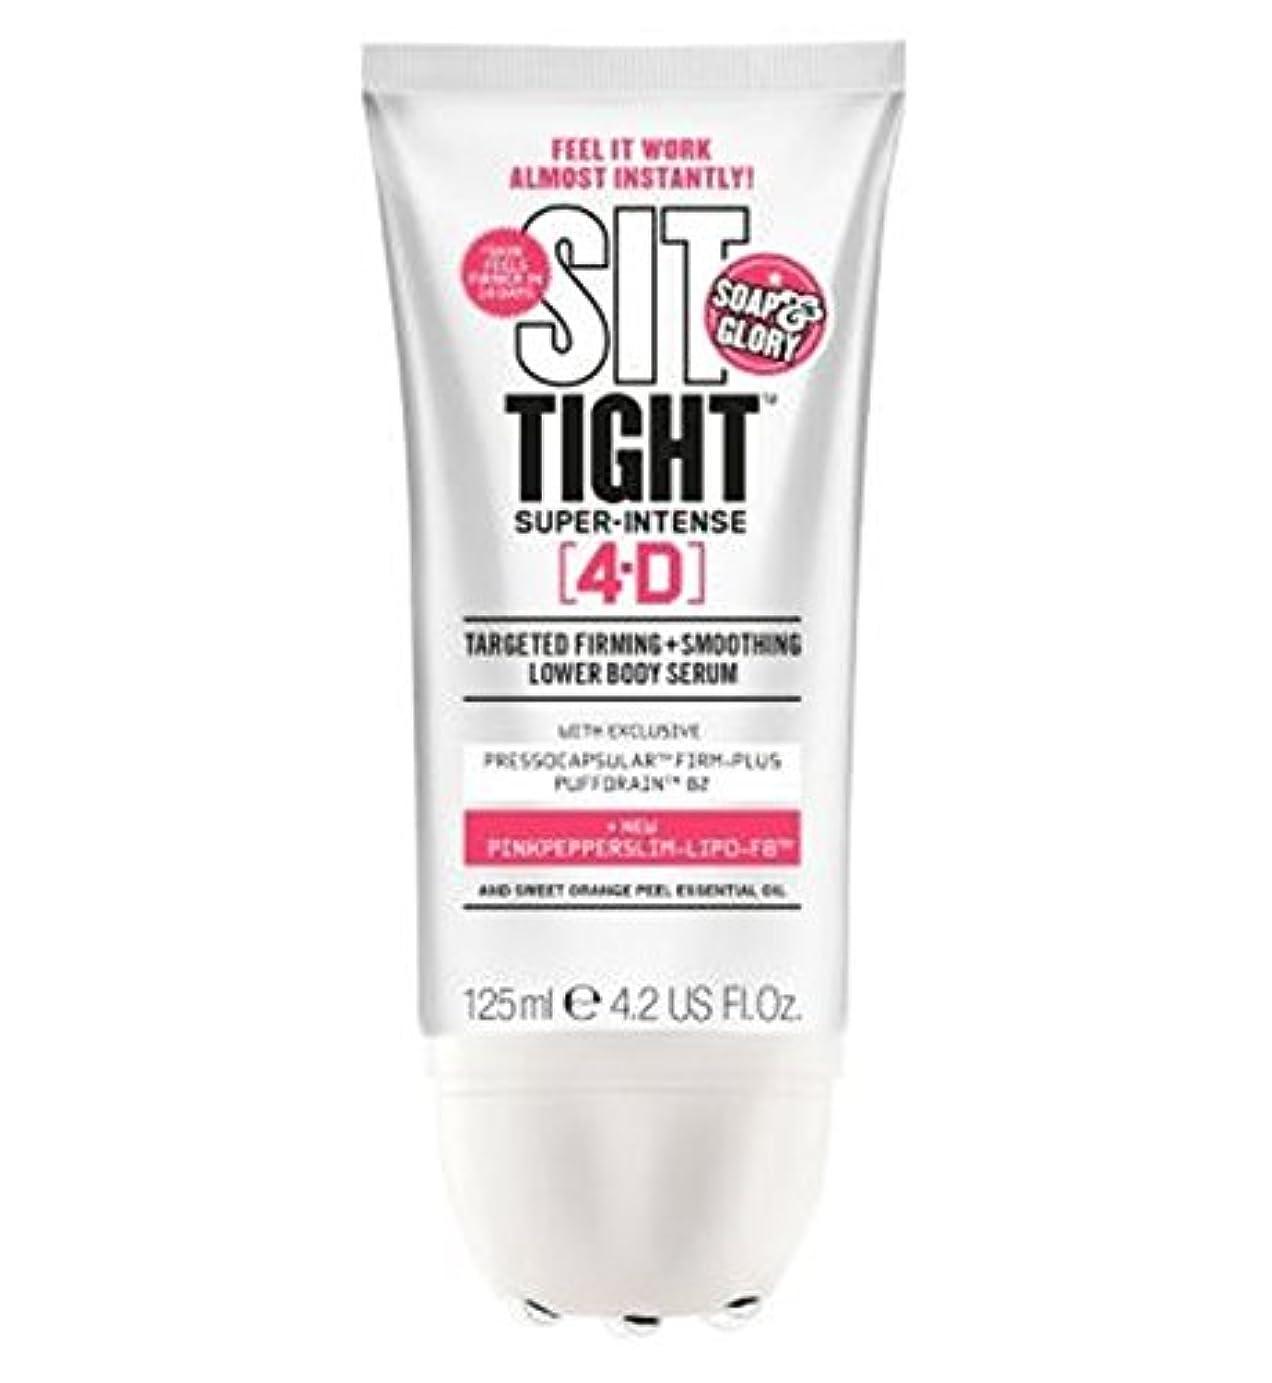 バクテリア一次バクテリア石鹸&栄光?タイト?超強烈な4-D 125ミリリットルに座ります (Soap & Glory) (x2) - Soap & Glory? Sit Tight? Super-Intense 4-D 125ml (Pack...